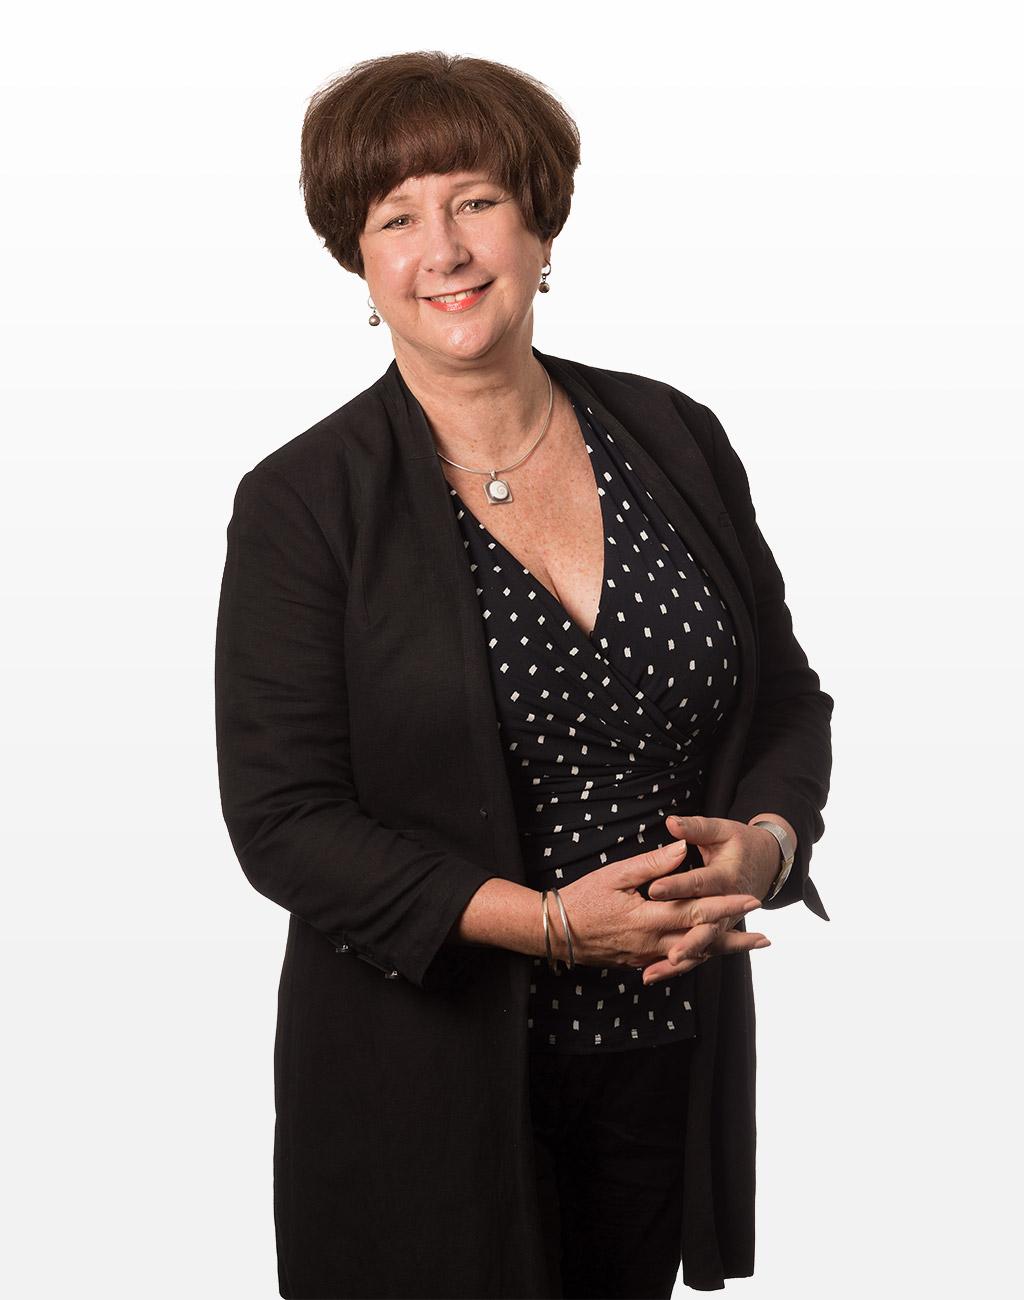 Jane Deykin